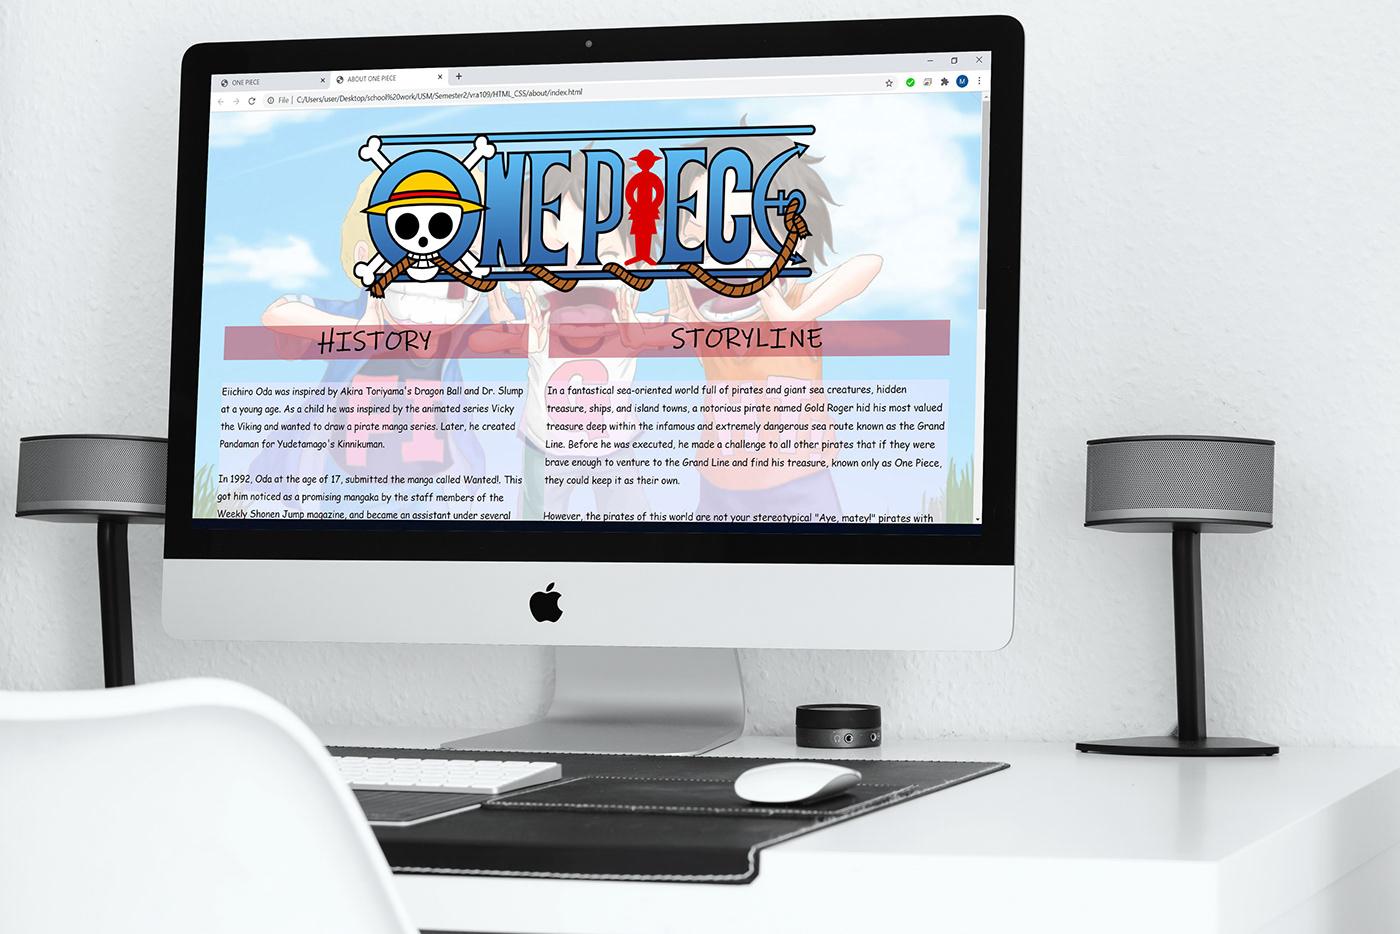 Image may contain: computer, wall and screenshot